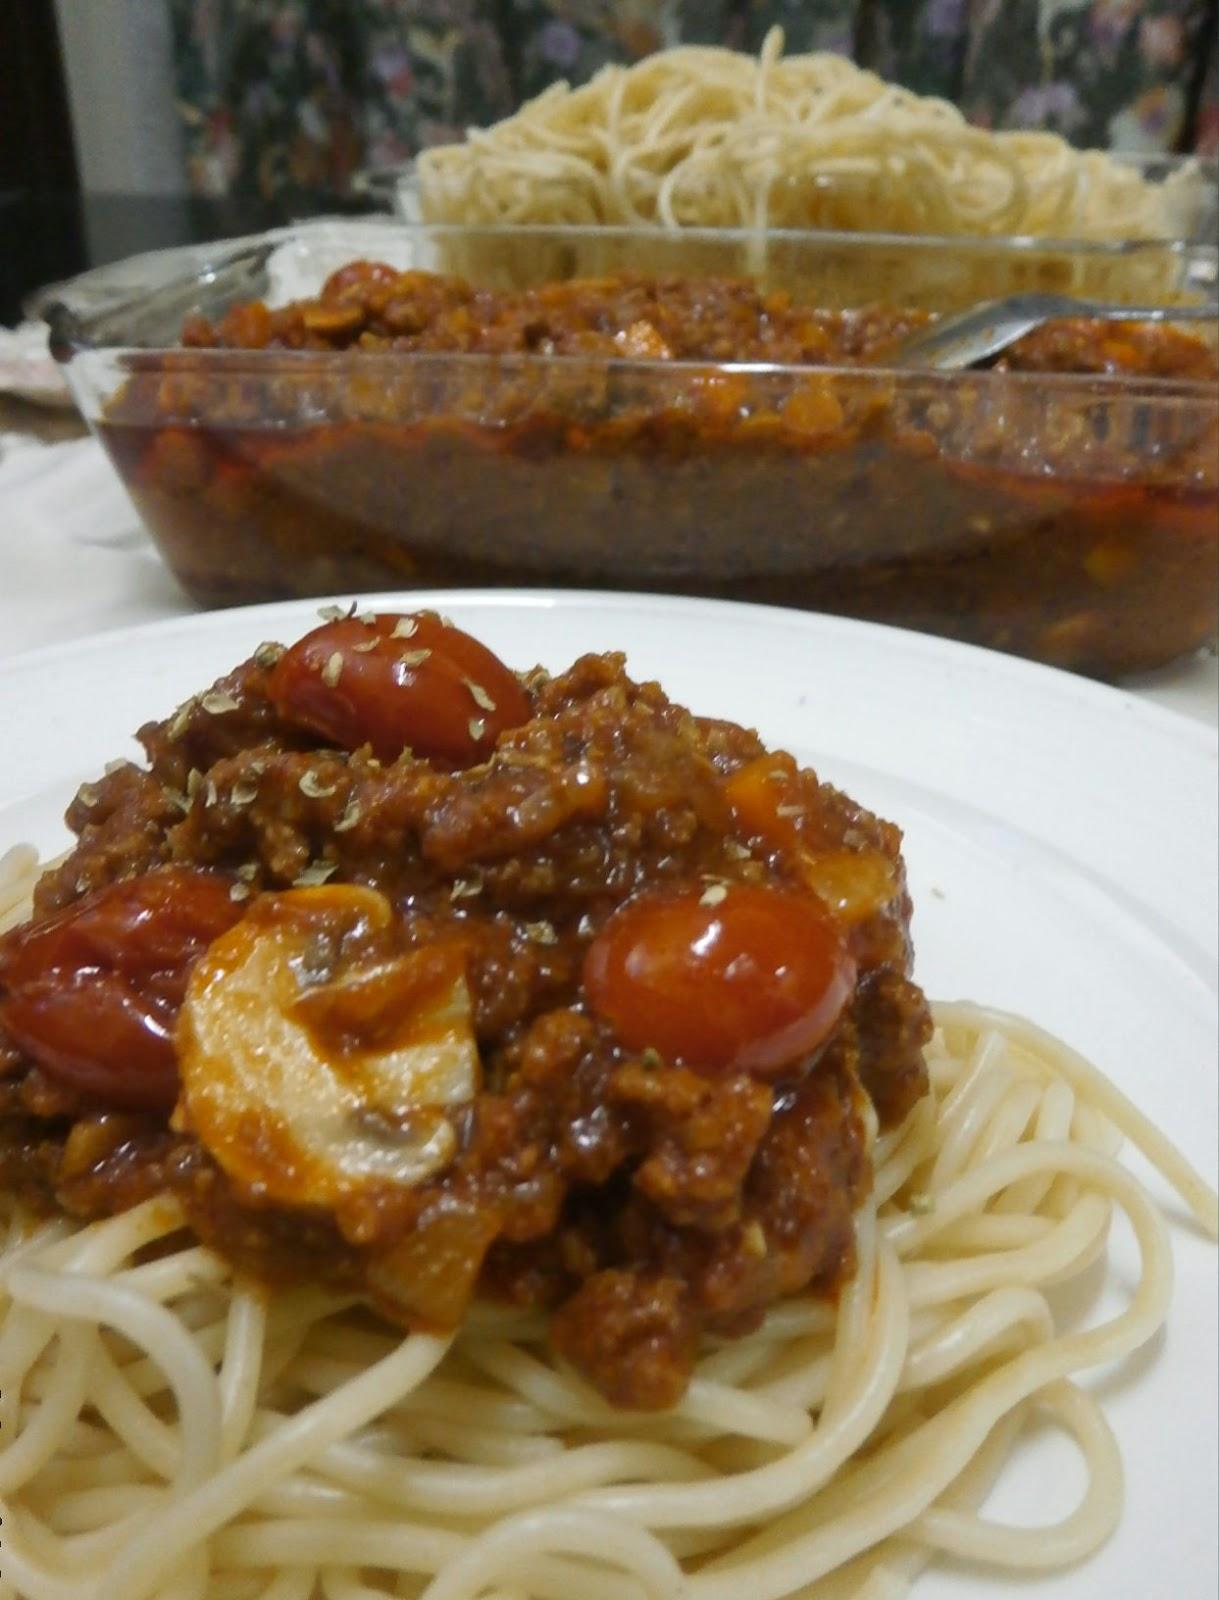 Resep Spaghetti Bolognaise : resep, spaghetti, bolognaise, Resep, Spaghetti, Bolognese, Recipes, Recipe